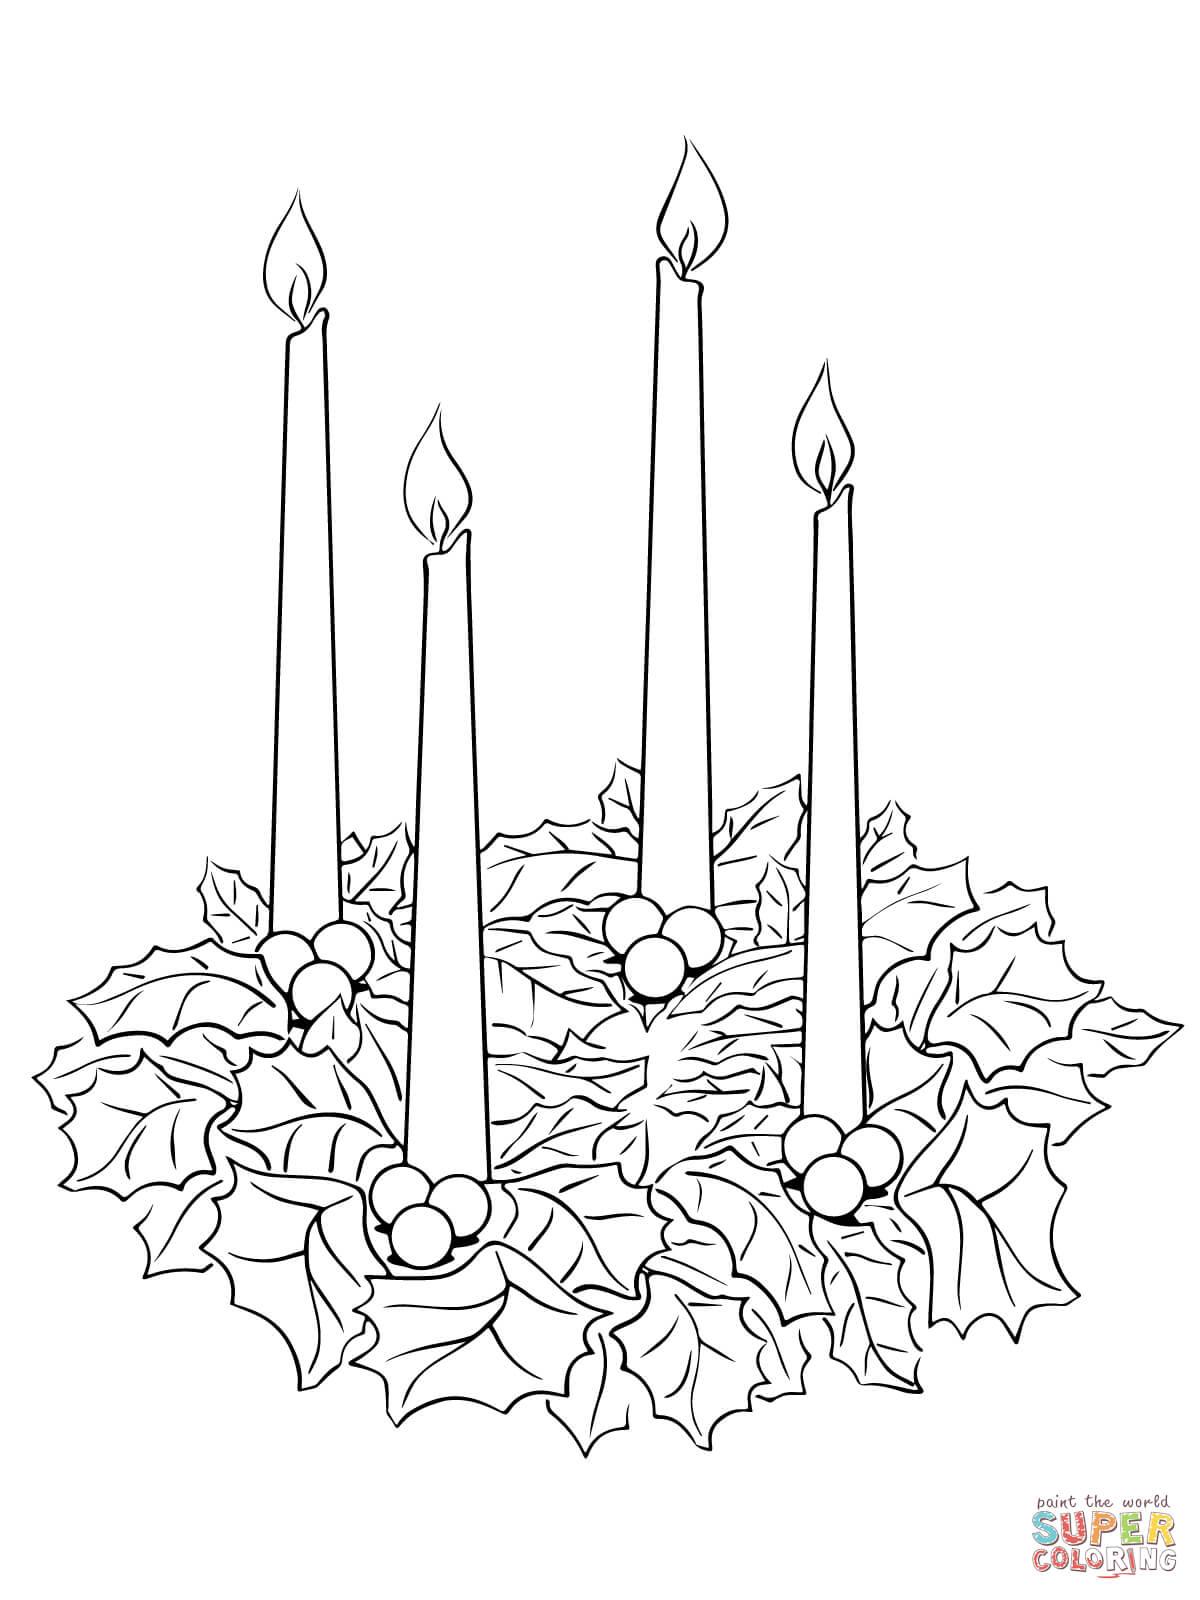 Malvorlagen Adventskranz ~ Malvorlagen-Galerie